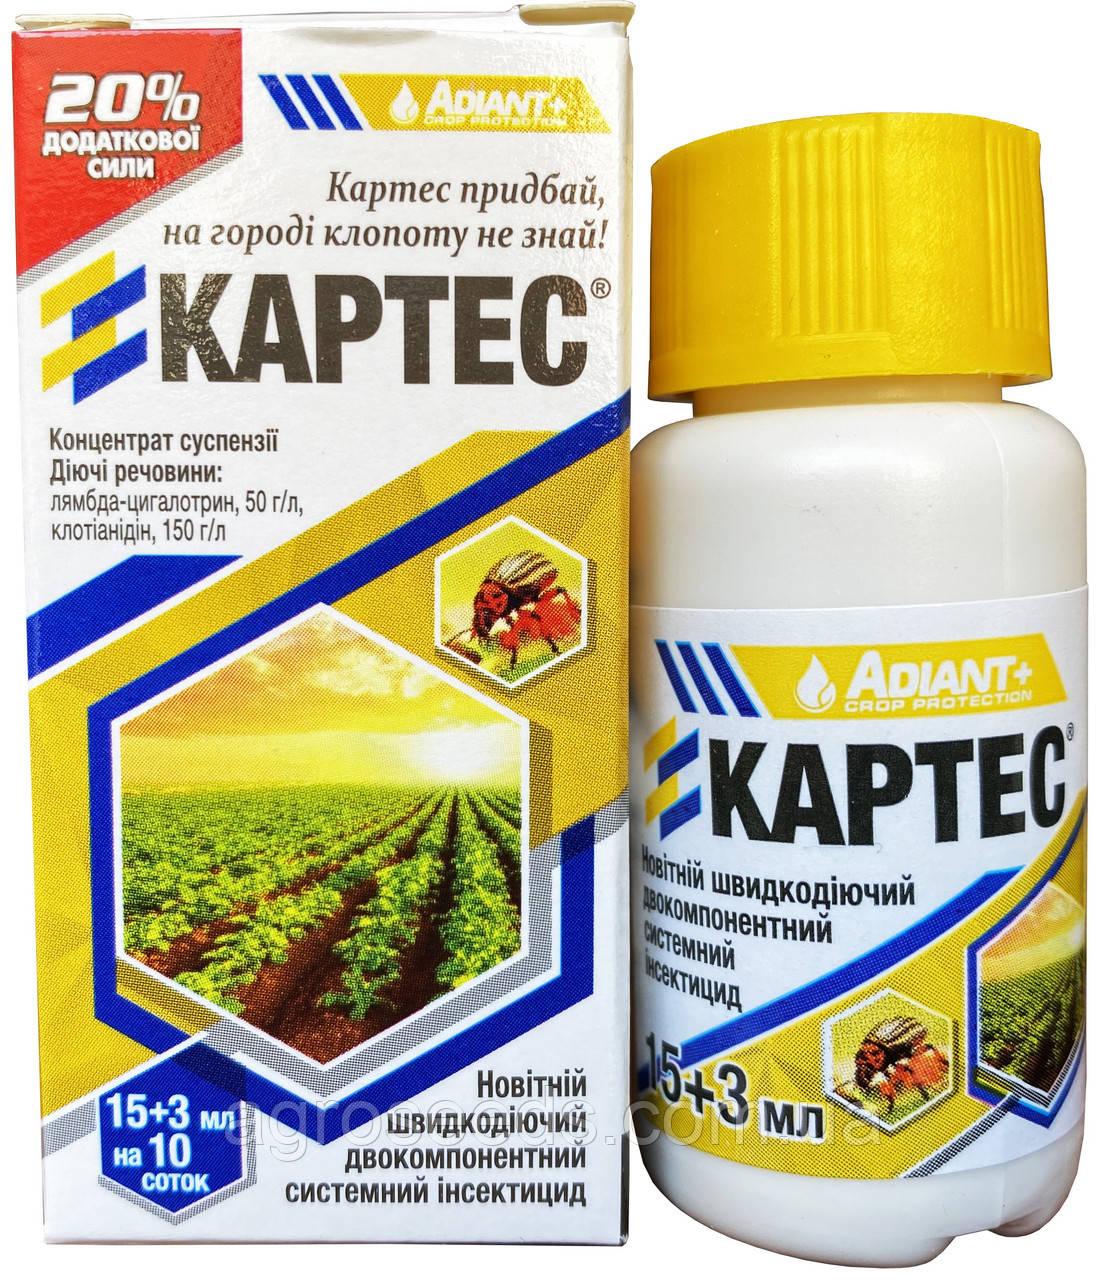 Инсектицид Картес 18 мл на 10 сотки